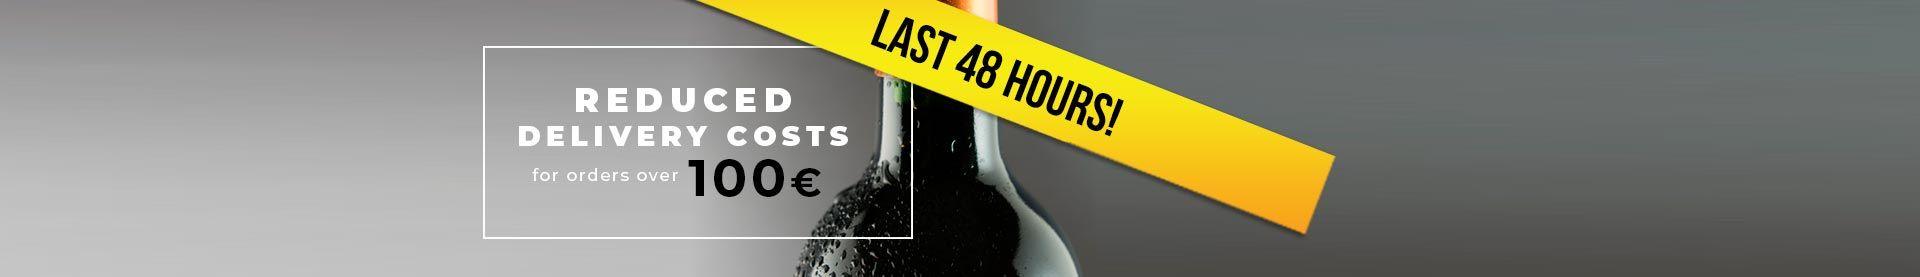 LAST 48 HOURS!